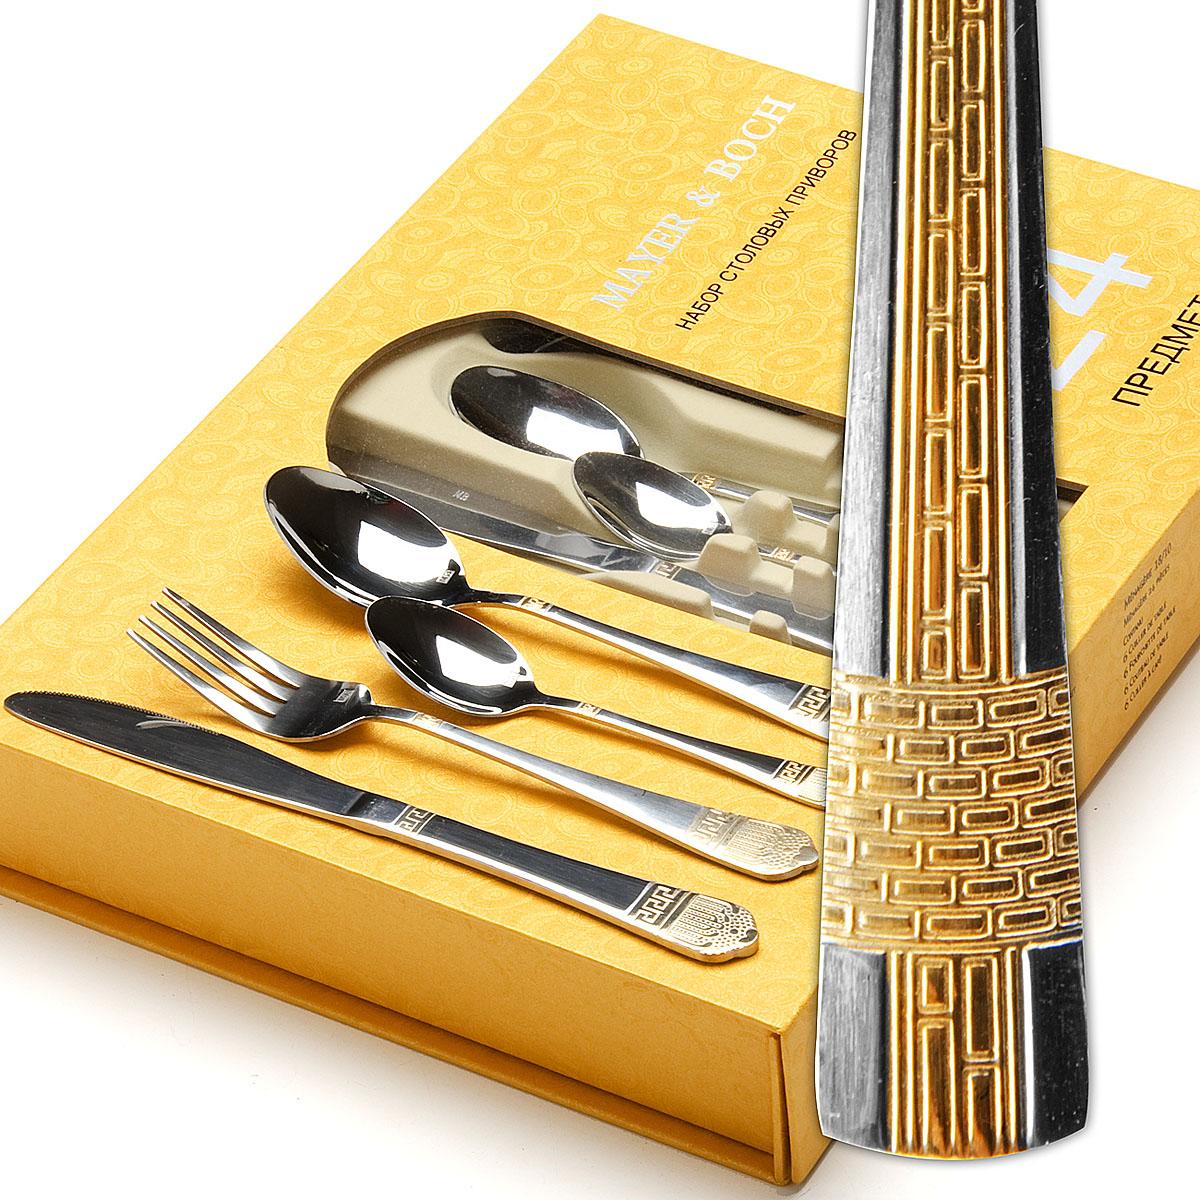 Набор столовых приборов Mayer&Boch, 24 предмета 2645026450Набор столовых приборов MAYER&BOCH на 6 персон выполнен из высококачественной нержавеющей стали, ручки приборов имеют глянцевую полировку и декорированы изящным золотым орнаментом. Набор из 24-х предметов включает в себя: 6 столовых ложек, 6 вилок, 6 ножей и 6 чайных ложек. Благодаря качественной полировке, изделия сохраняют прекрасный внешний вид на долгое время. Набор обладает не только оригинальным дизайном, но и практичностью, так как изделия из качественной нержавеющей стали имеют высокую прочность, устойчивость к коррозии, кроме того, нержавеющая сталь экологична, она не меняет вкусовые свойства еды, потому как не вступает в реакцию с ее компонентами. Упакованный в красочную подарочную коробку такой набор безусловно станет прекрасным подарком для любой хозяйки и украсит ваш праздничный стол.